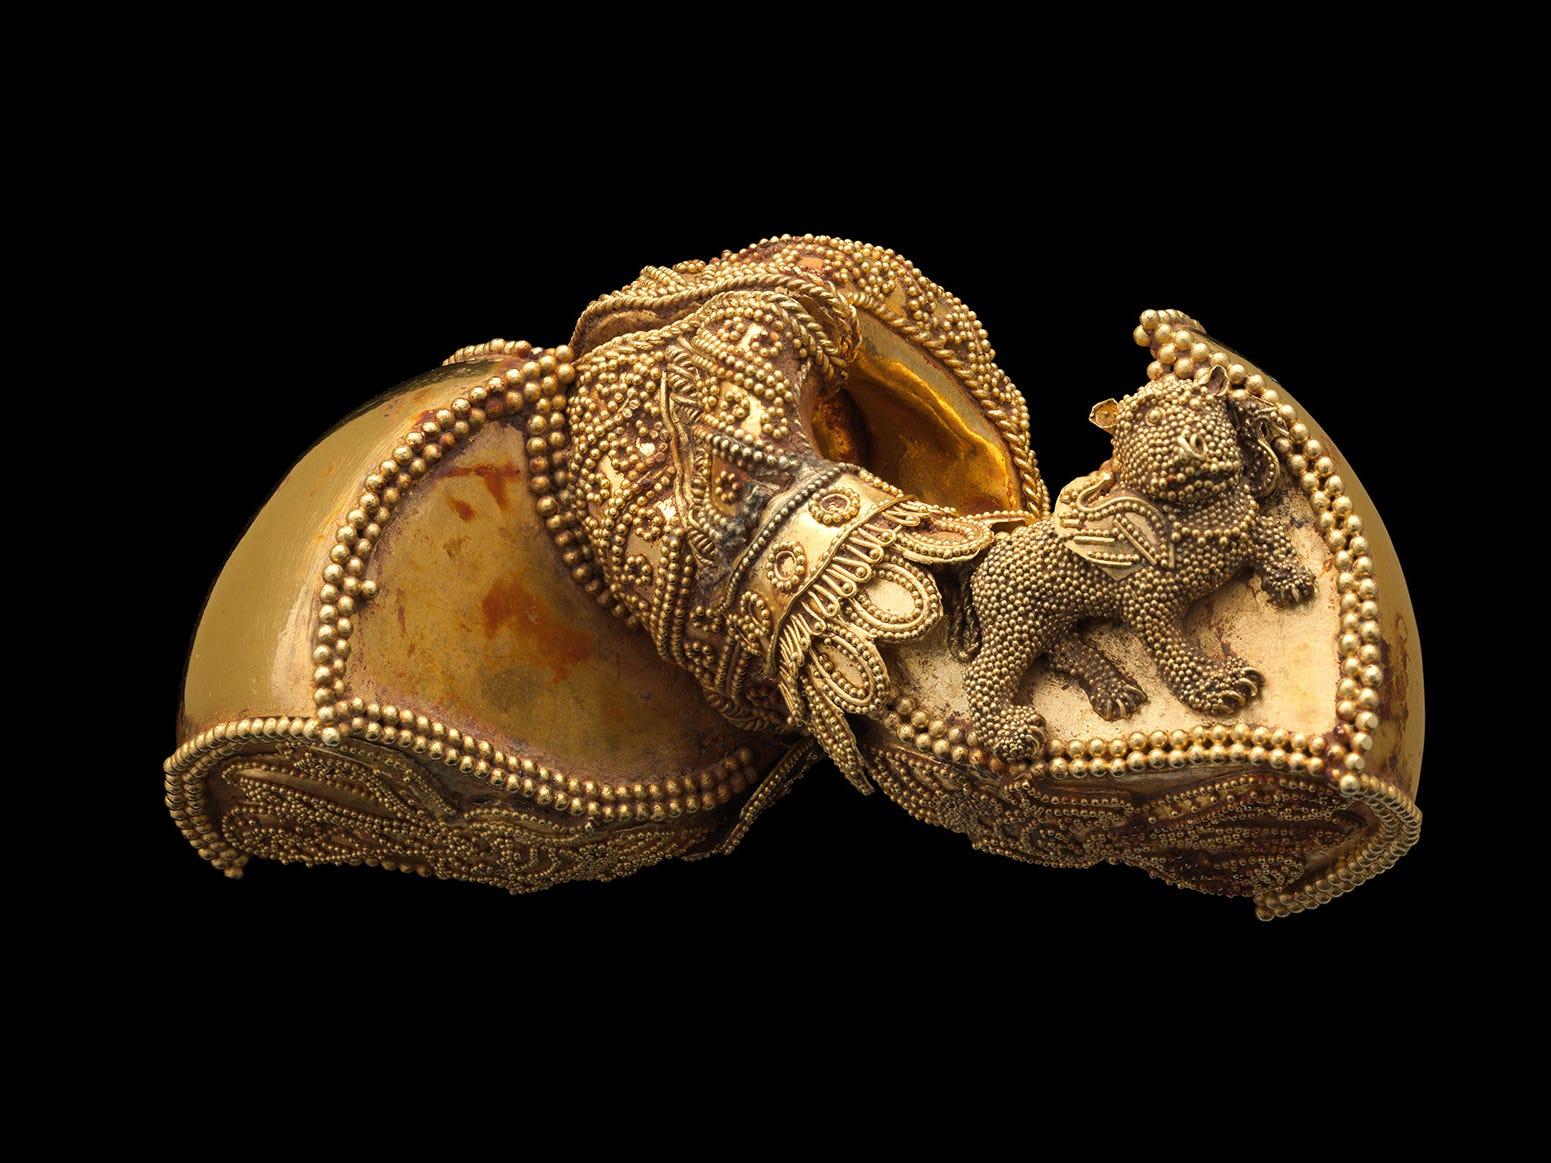 A pair of earrings in the Met's jewelry exhibit.